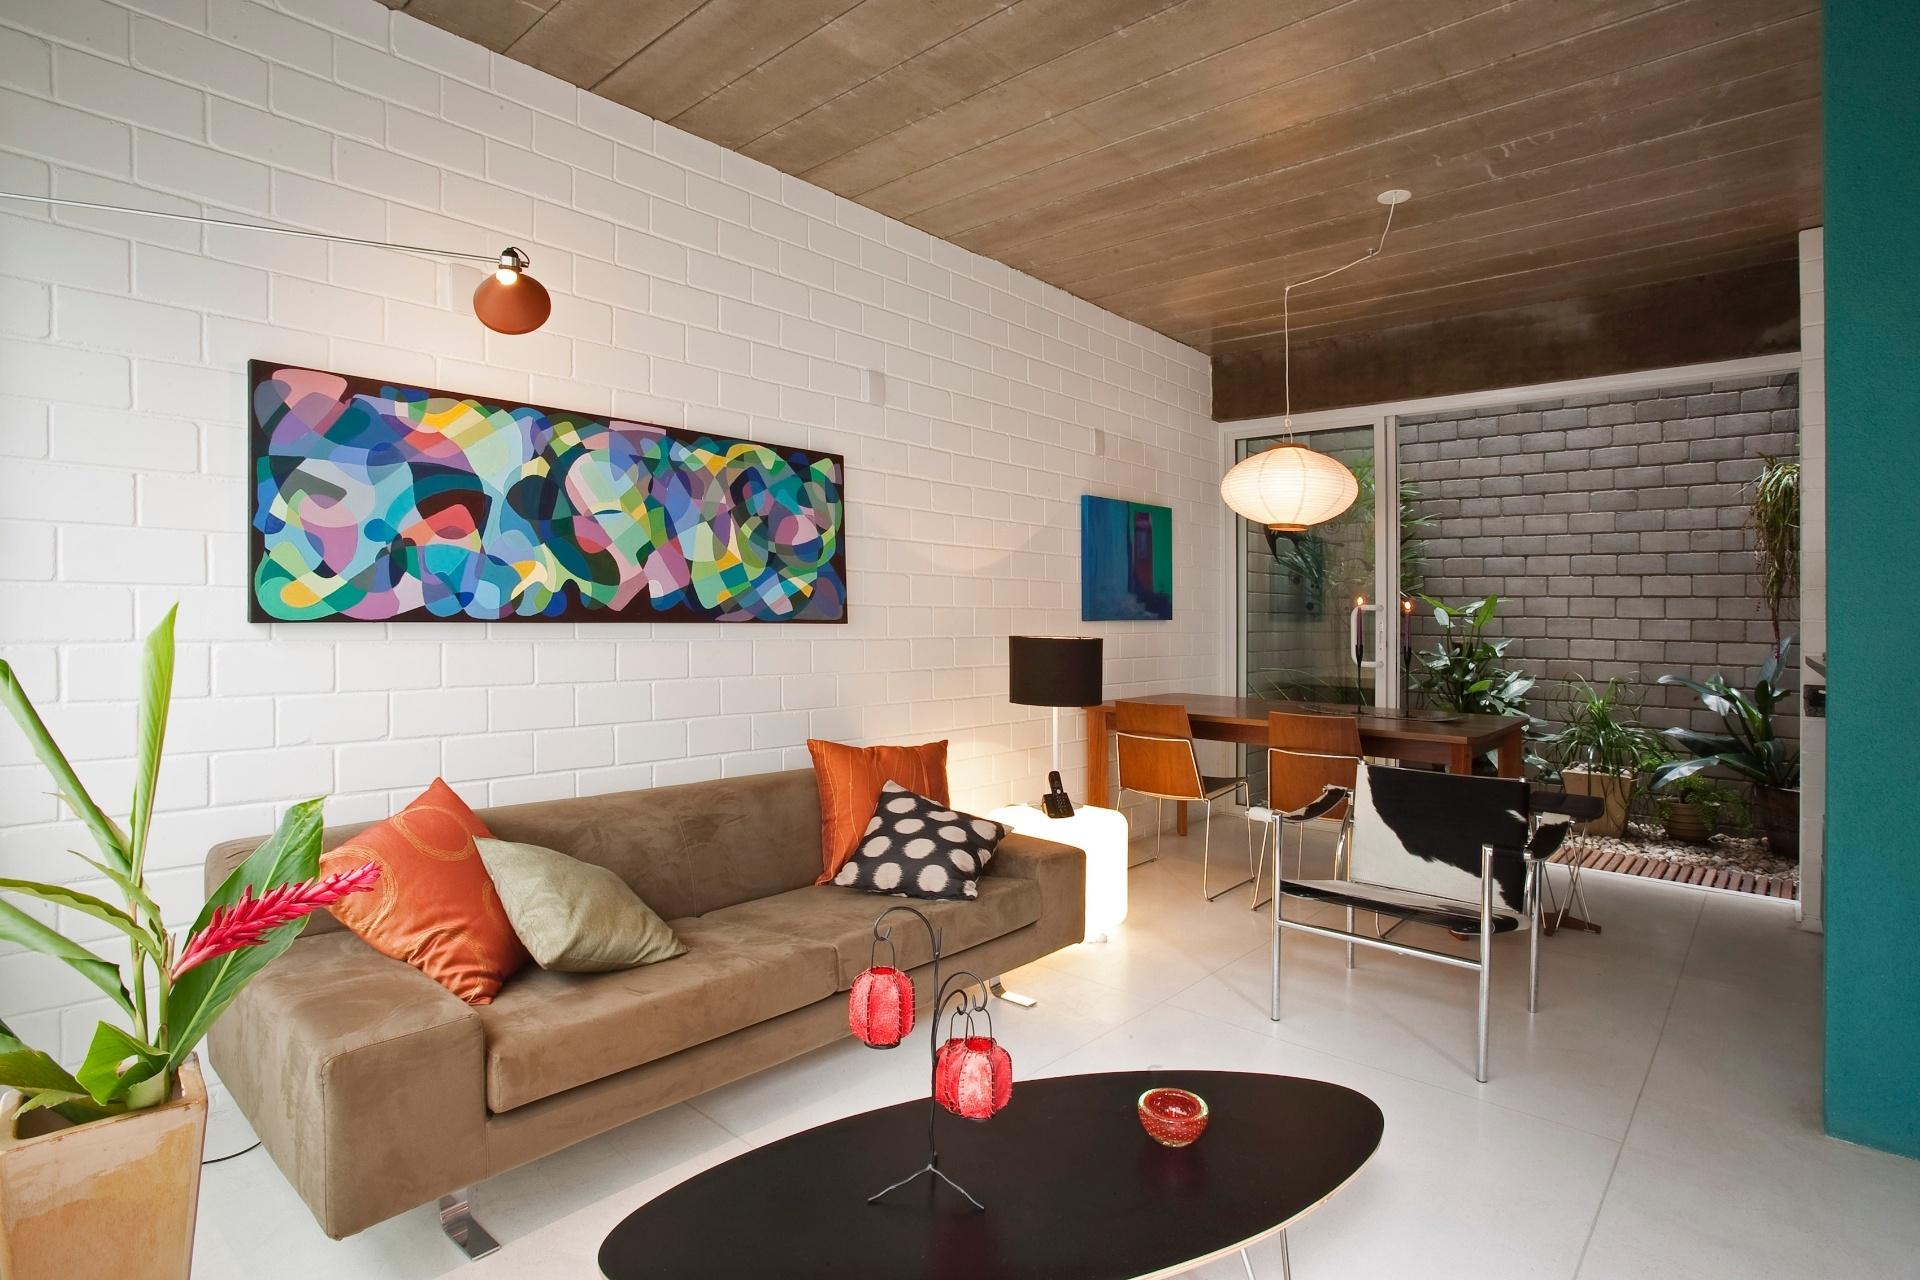 Para a realização do Residencial Vila Maida, a arquiteta Maristela Faccioli optou pela praticidade, com materiais como blocos de concreto autoportantes (Prensil), estruturais, e que permanecem aparentes, combinados com vigas (moldadas em loco) e lajes-painel treliçadas de concreto (pré-fabricadas). A ideia era levantar rapidamente a edificação, sem a necessidade do uso de fôrmas para pilares, uma vez que as próprias paredes são estruturais